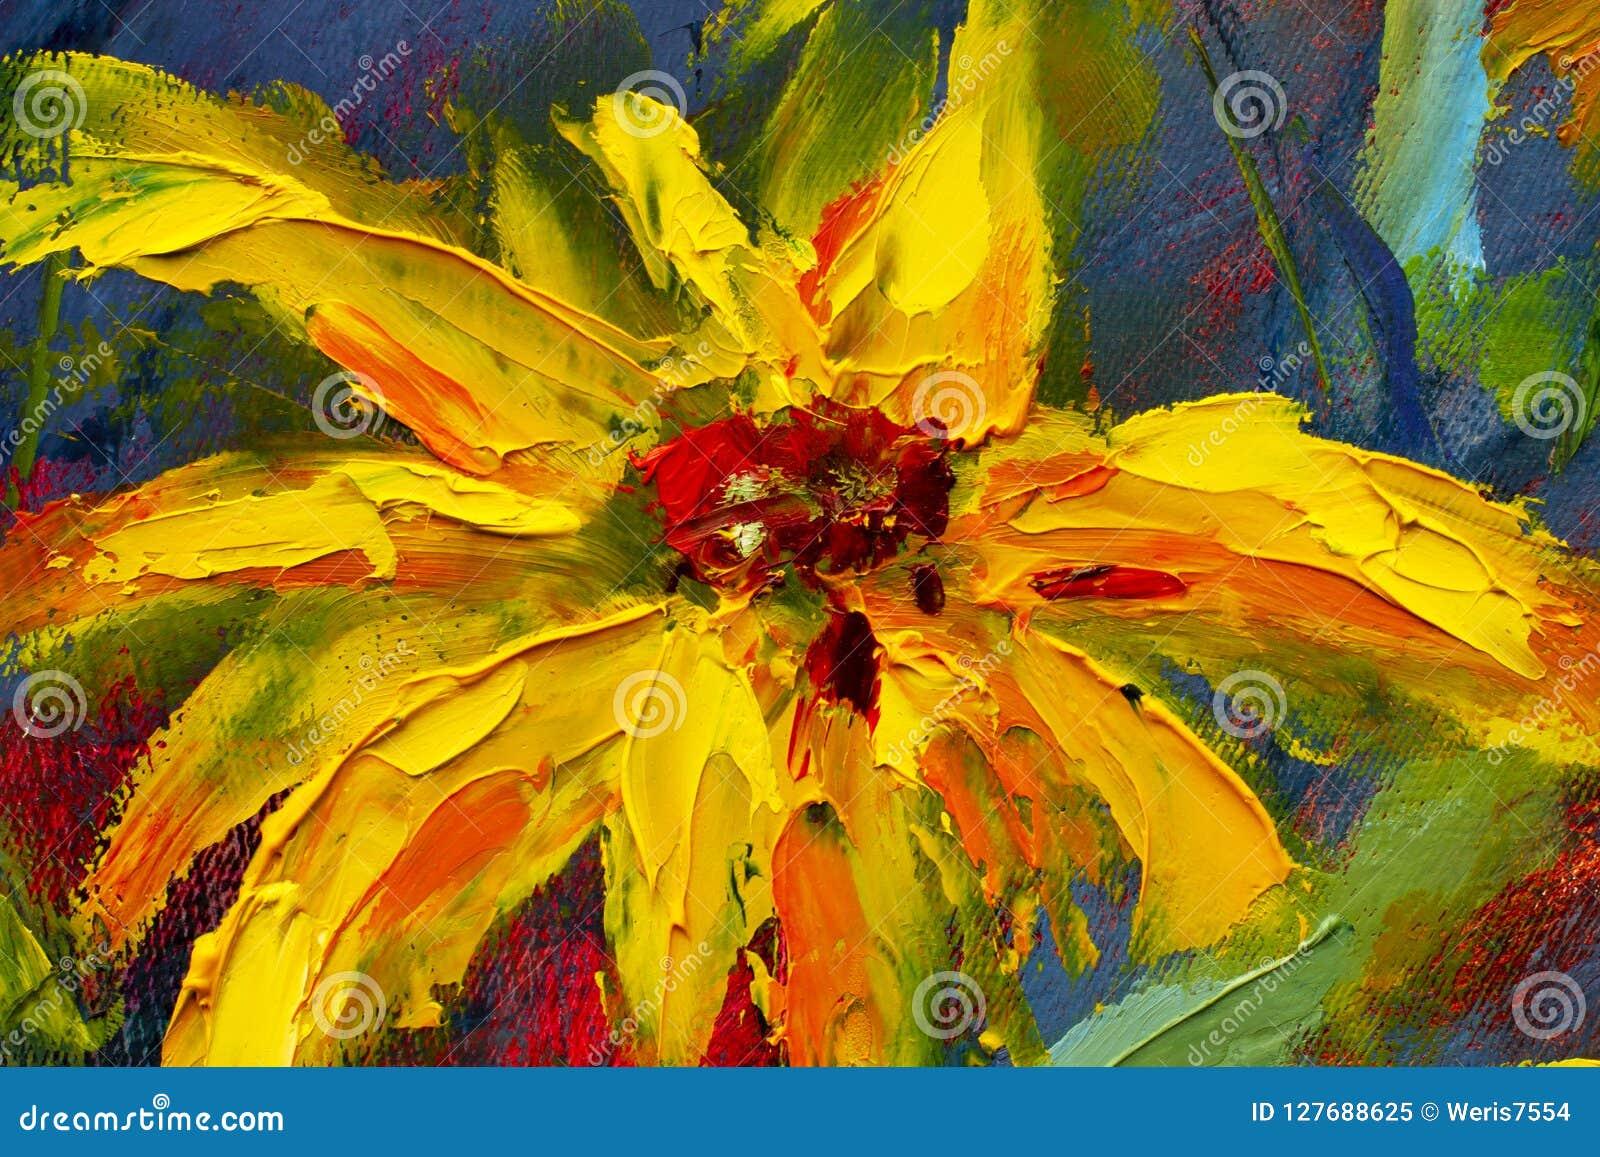 Las flores que pintan, margaritas amarillas de las flores salvajes, girasoles anaranjados en un fondo azul, pinturas al óleo ajar